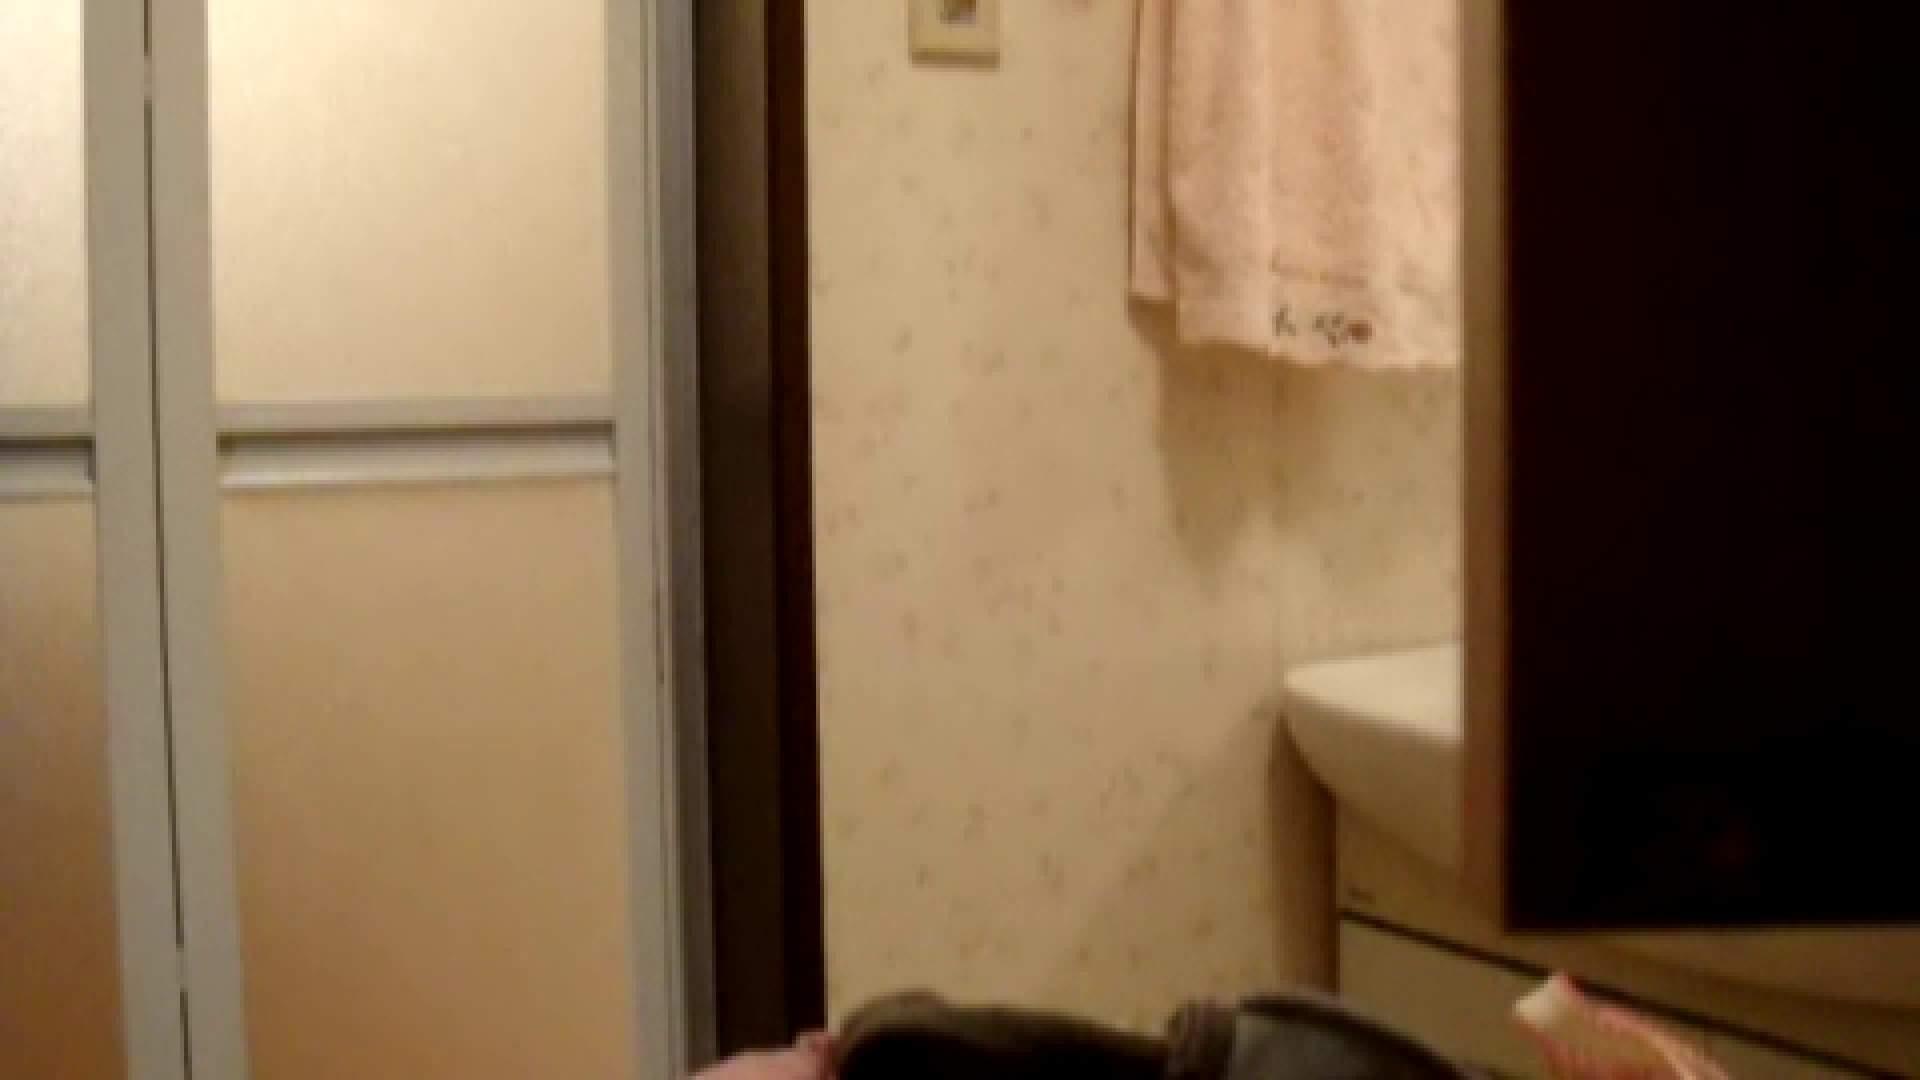 二人とも育てた甲斐がありました… vol.08 まどかの入浴中にカメラに気付いたか!? 綺麗なOLたち  90枚 68